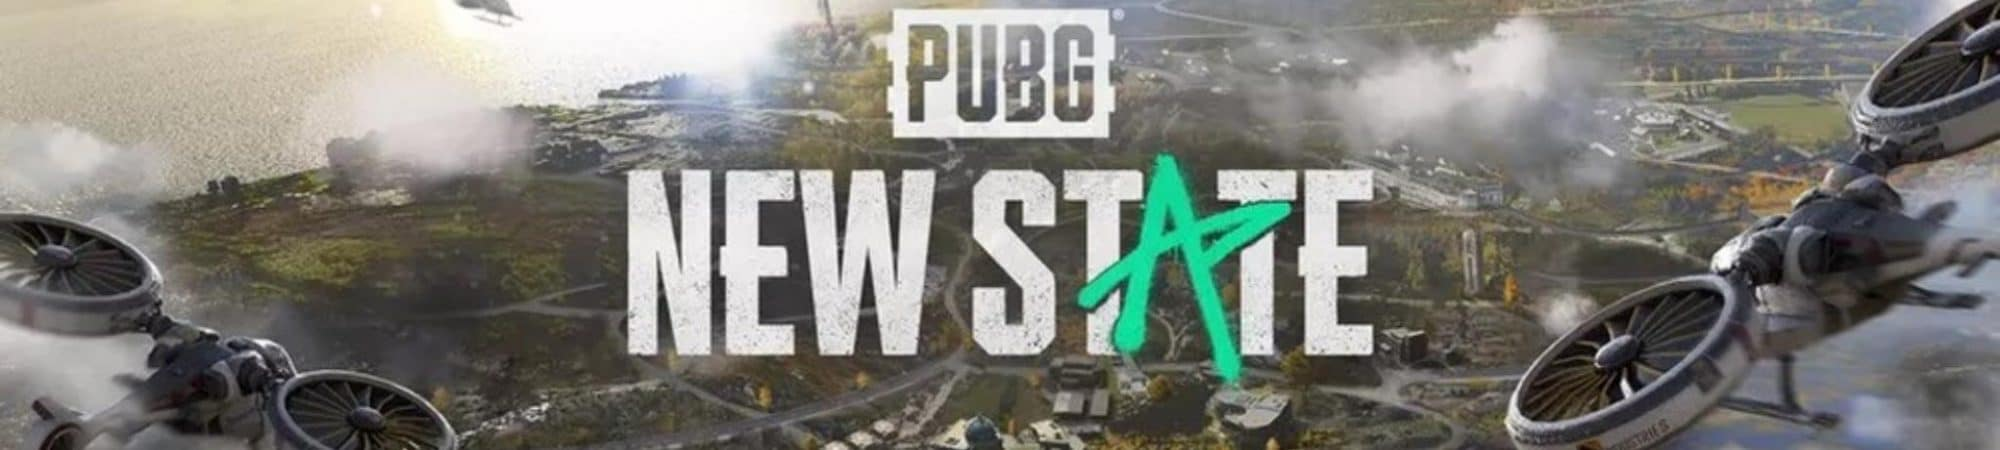 imagem do novo jogo pubg: new state para divulgação